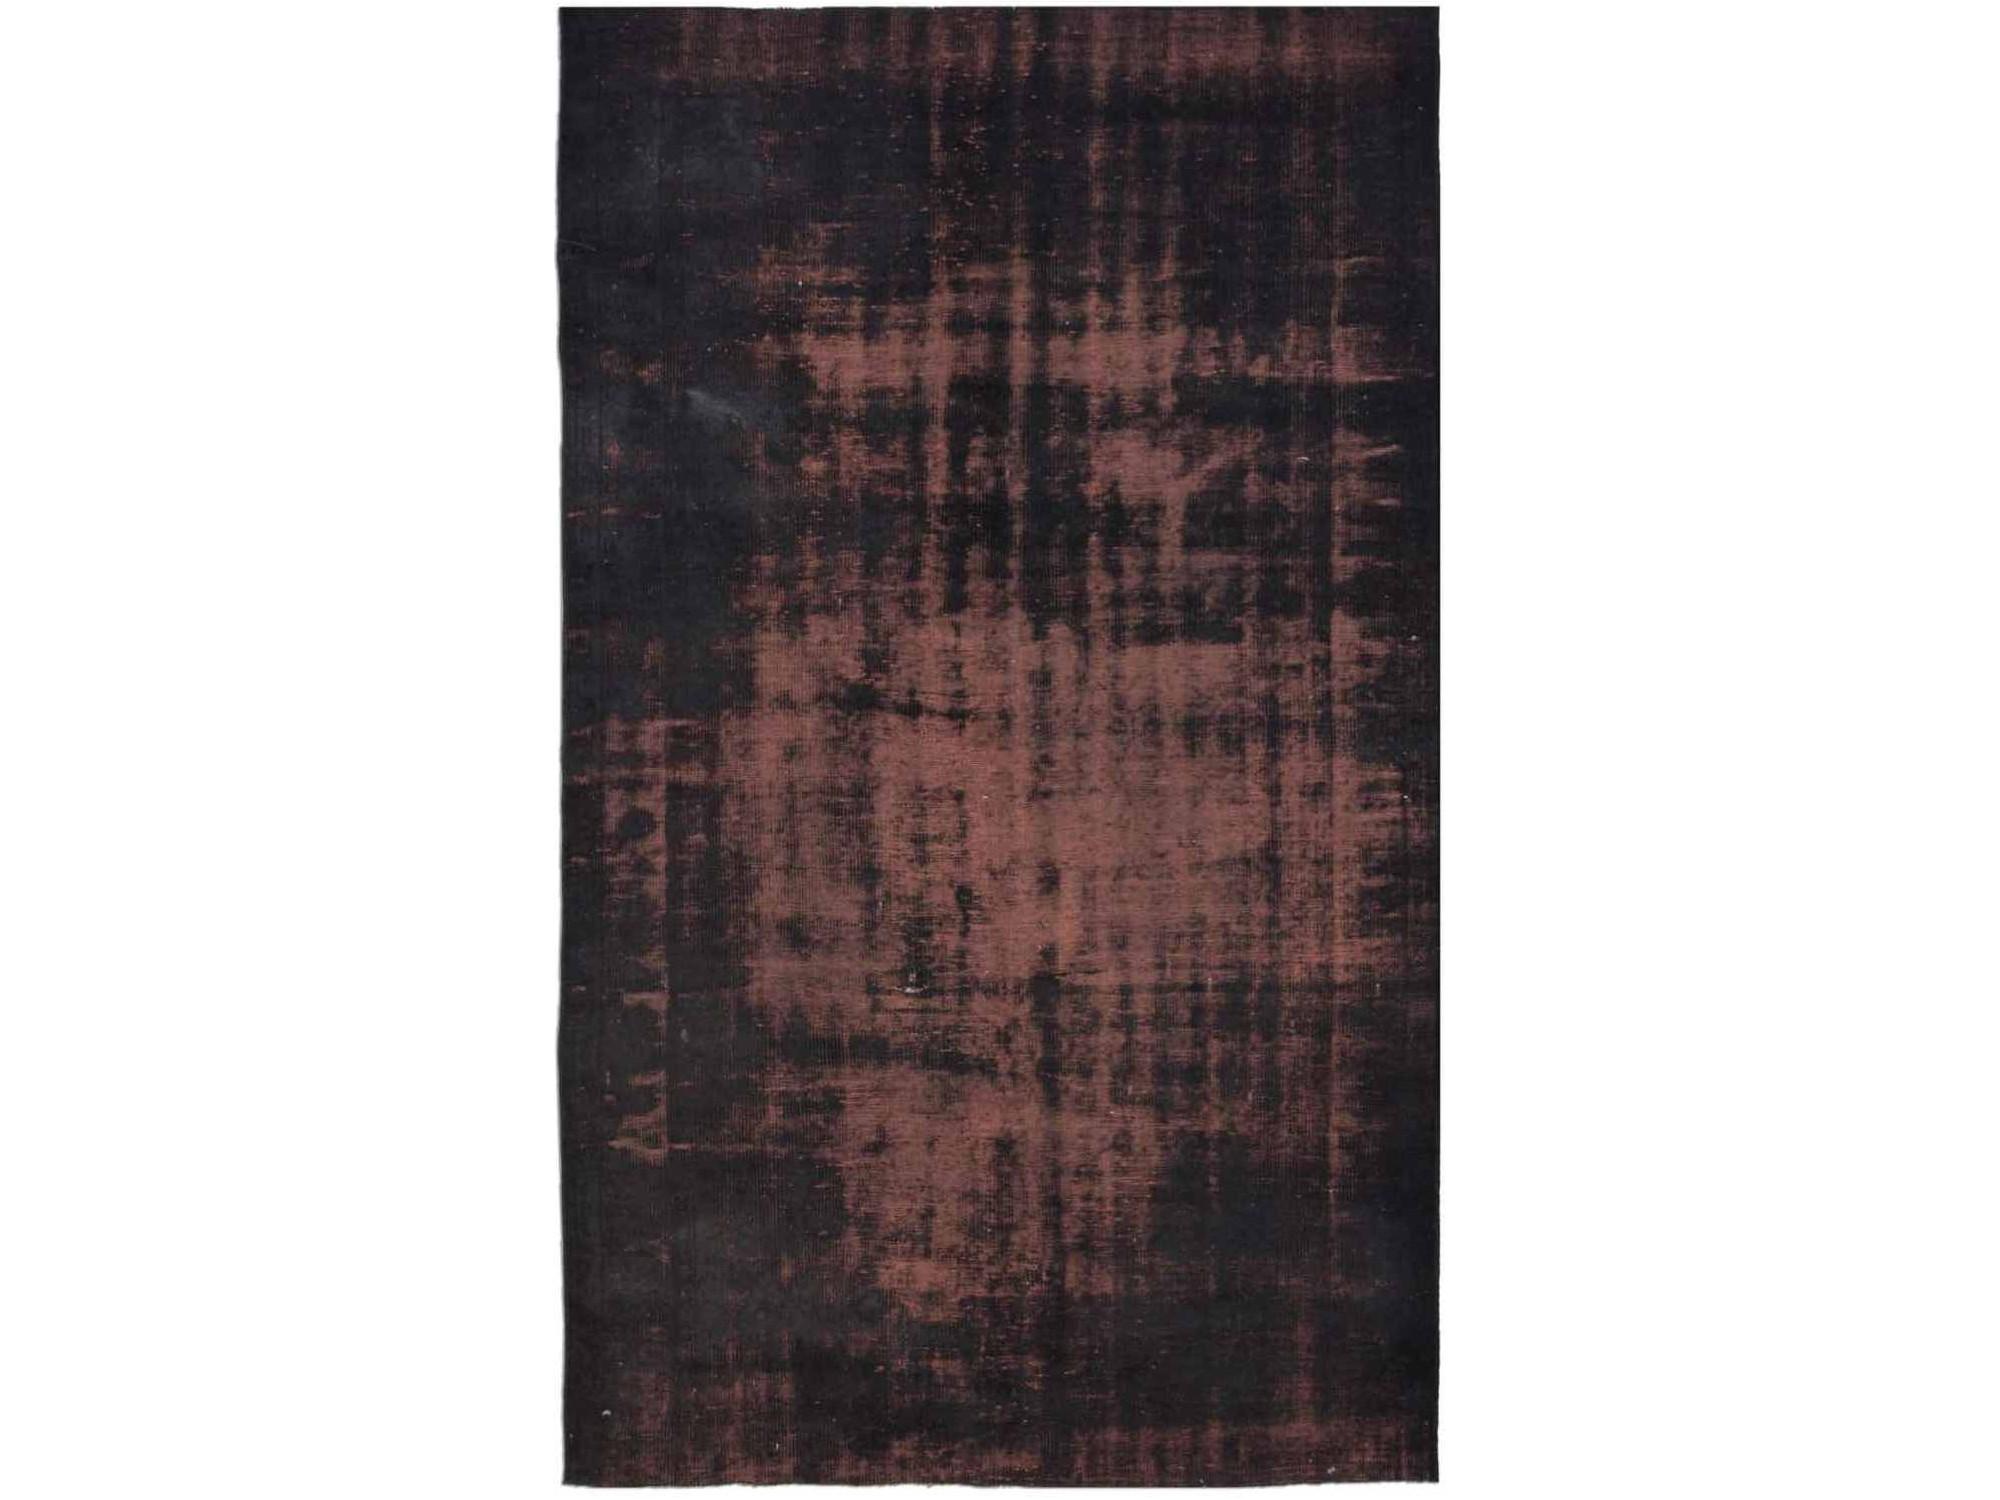 Ковер PatchworkПрямоугольные ковры<br>Винтажный ковер ручной работы в стиле &amp;quot;пэчворк&amp;quot; <br>из 100% шерсти. Ковер прекрасно подходит в <br>любые современные и классические интерьеры, <br>а благодаря толщине ковра всего 5 мм. и отсутствию <br>ворса, его легко чистить любыми видами пылесосов. <br>Этот настоящий ковер ручной работы не потеряет <br>своих красок и будет служить десятилетия.<br><br>Material: Шерсть<br>Ширина см: 182<br>Глубина см: 292